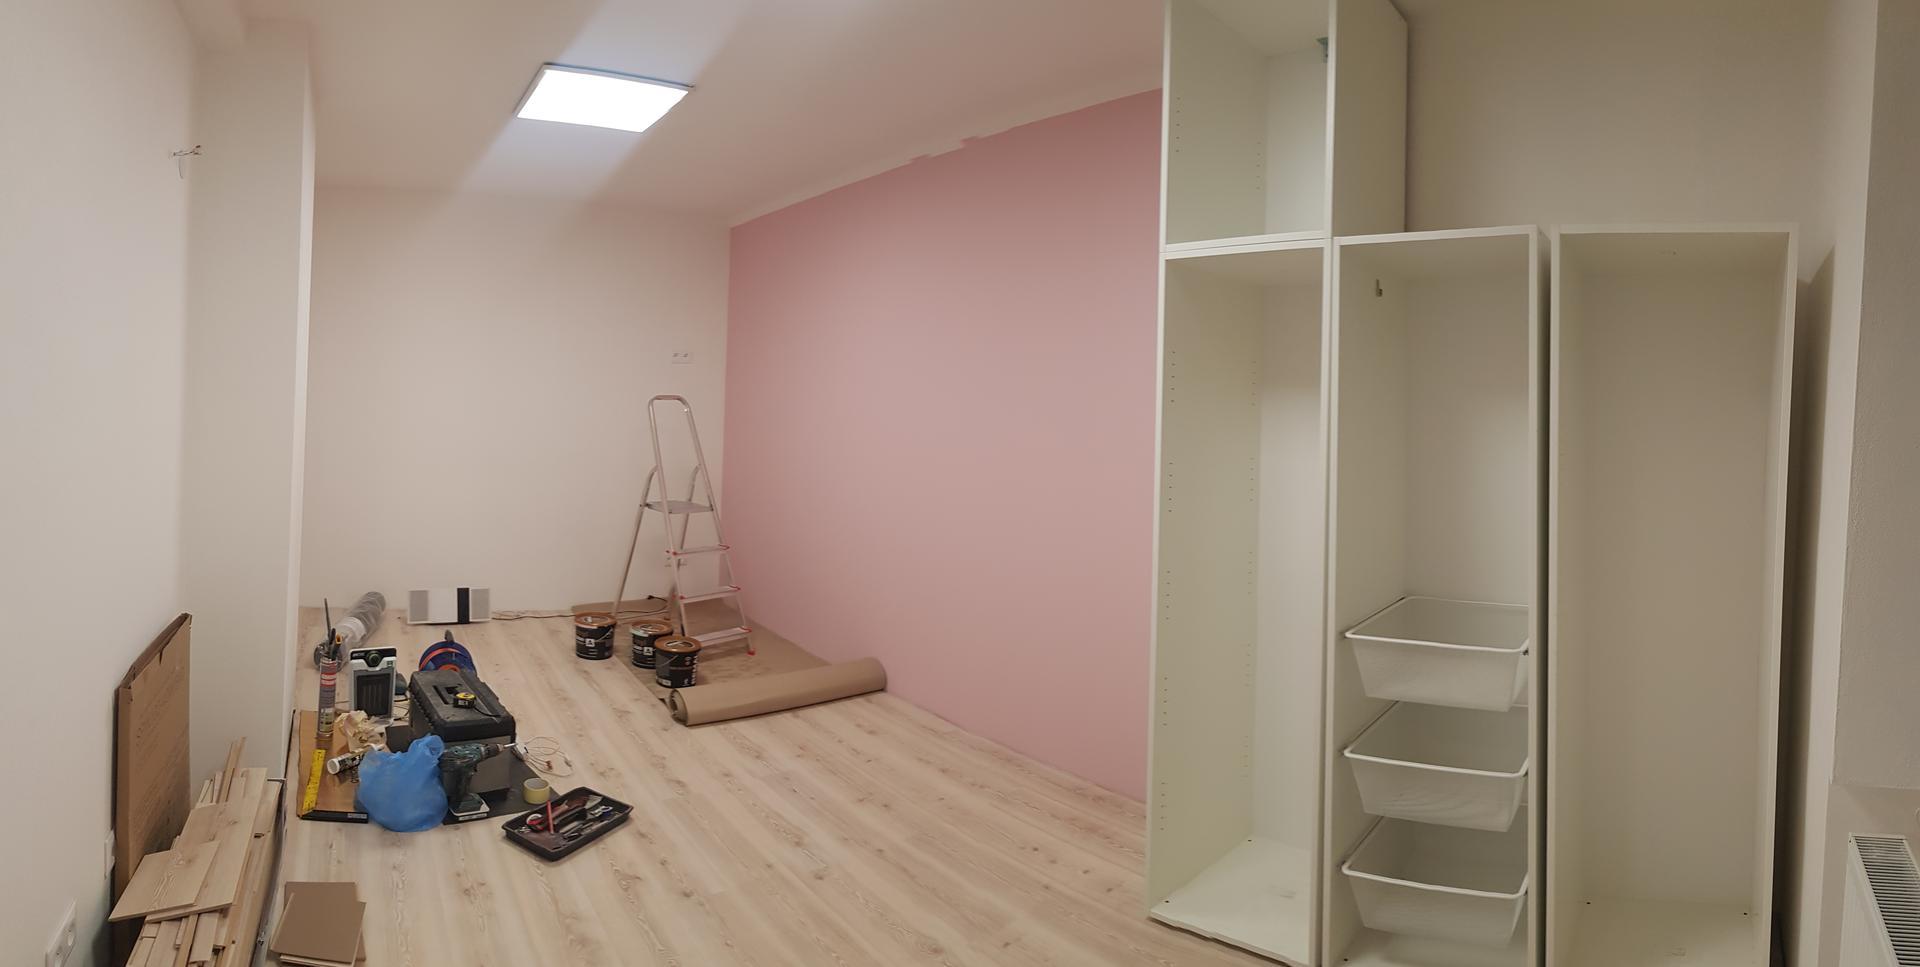 Naša rekonštrukcia - pomaličky skladáme aj nábytok v detských izbičkách